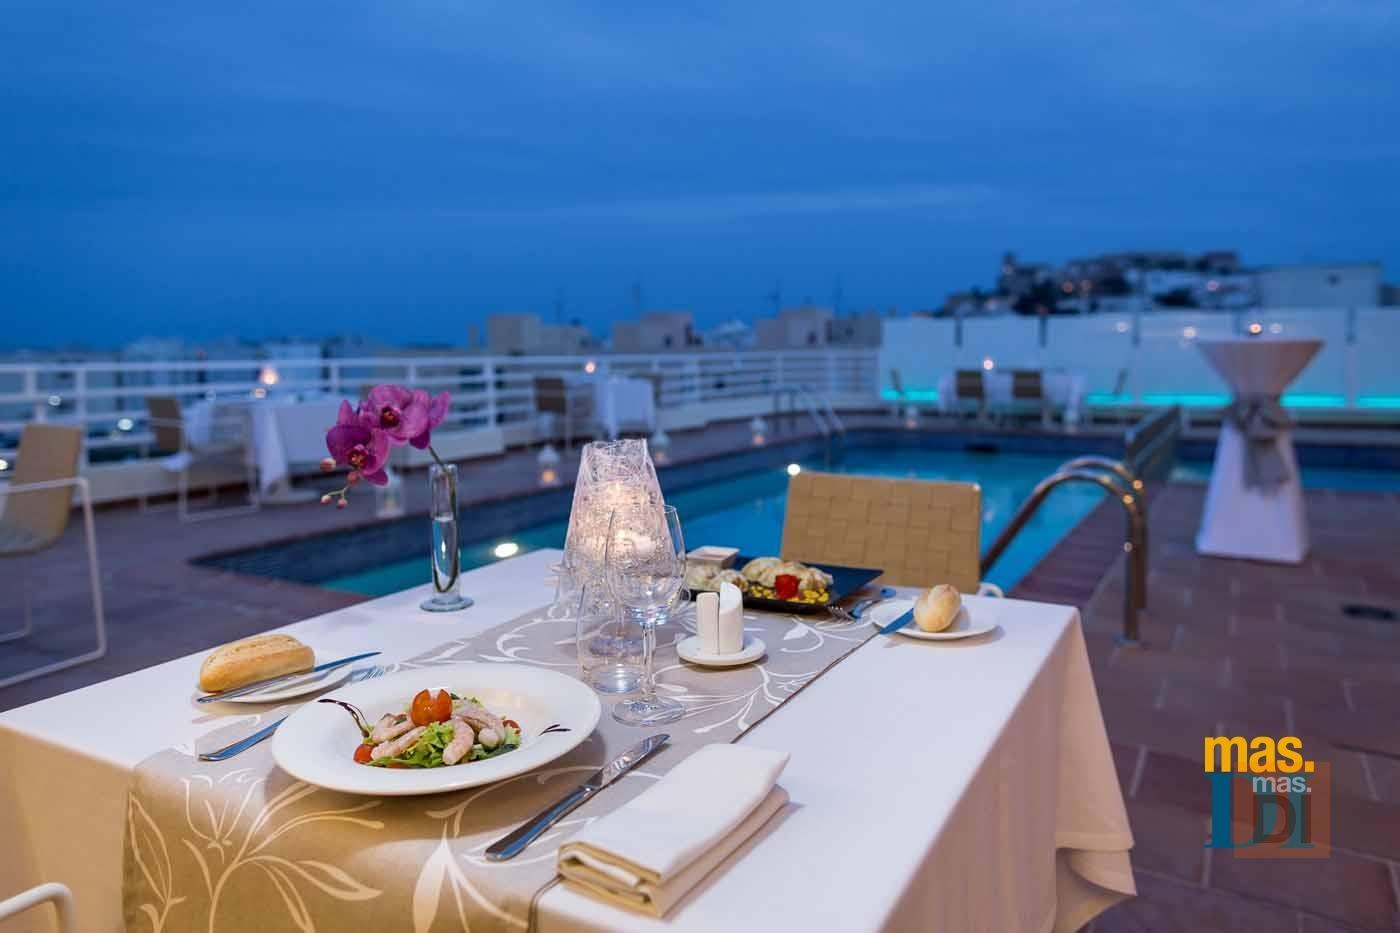 HOTEL ROYAL PLAZA, cocina de inspiración mediterránea